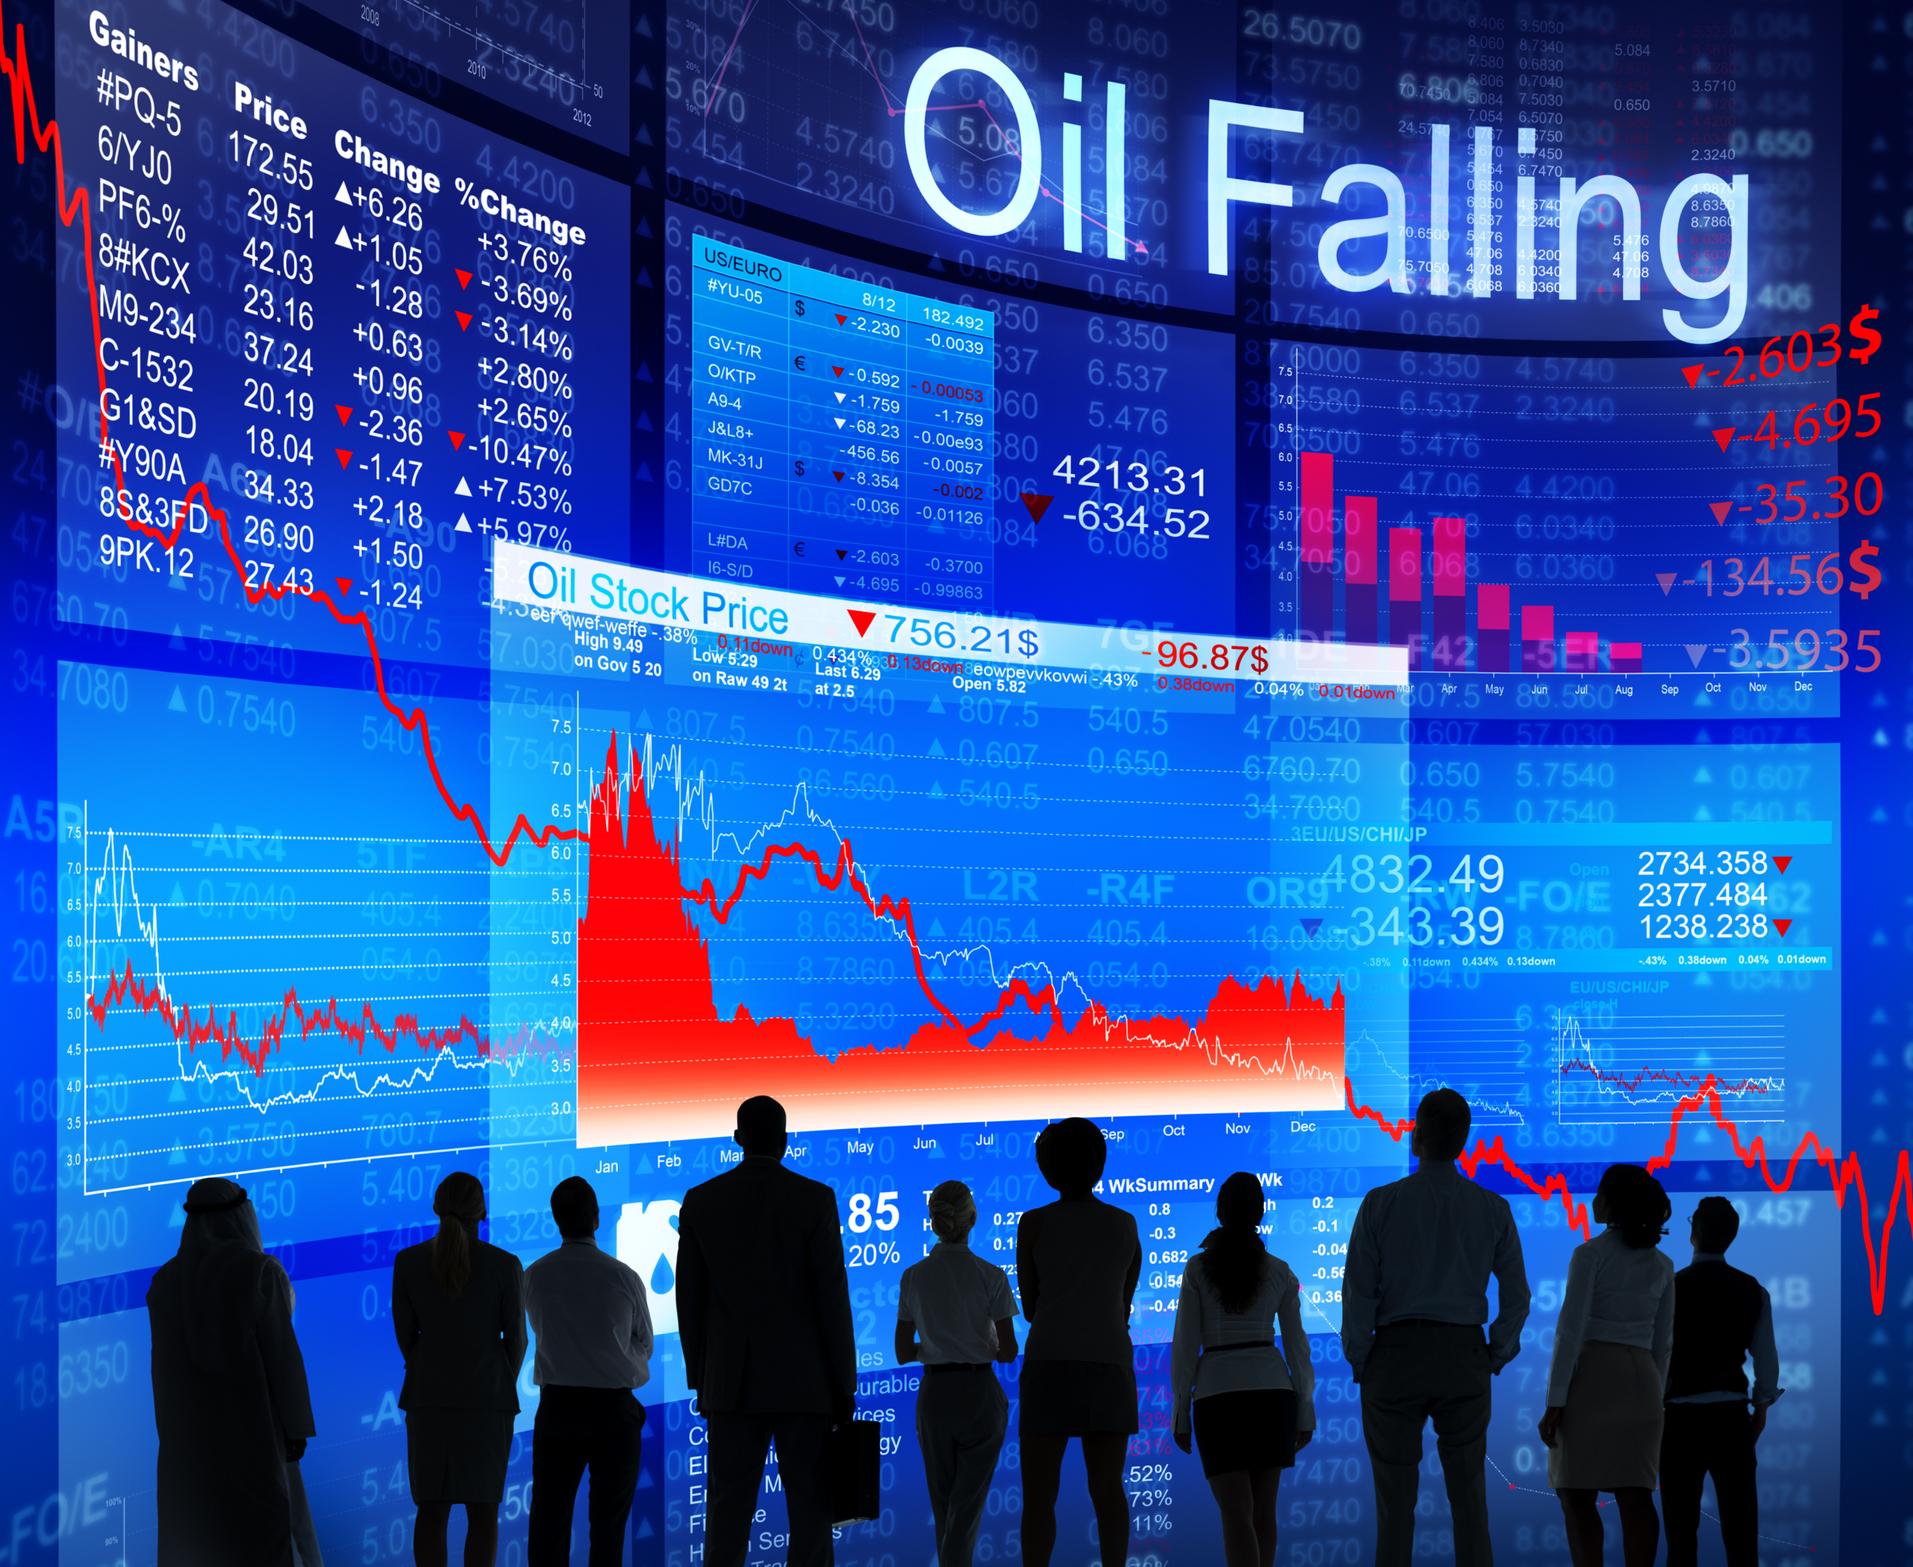 4baa516c2c Petrolio e Wall Street, correlazione più intensa durante le correzioni di  mercato